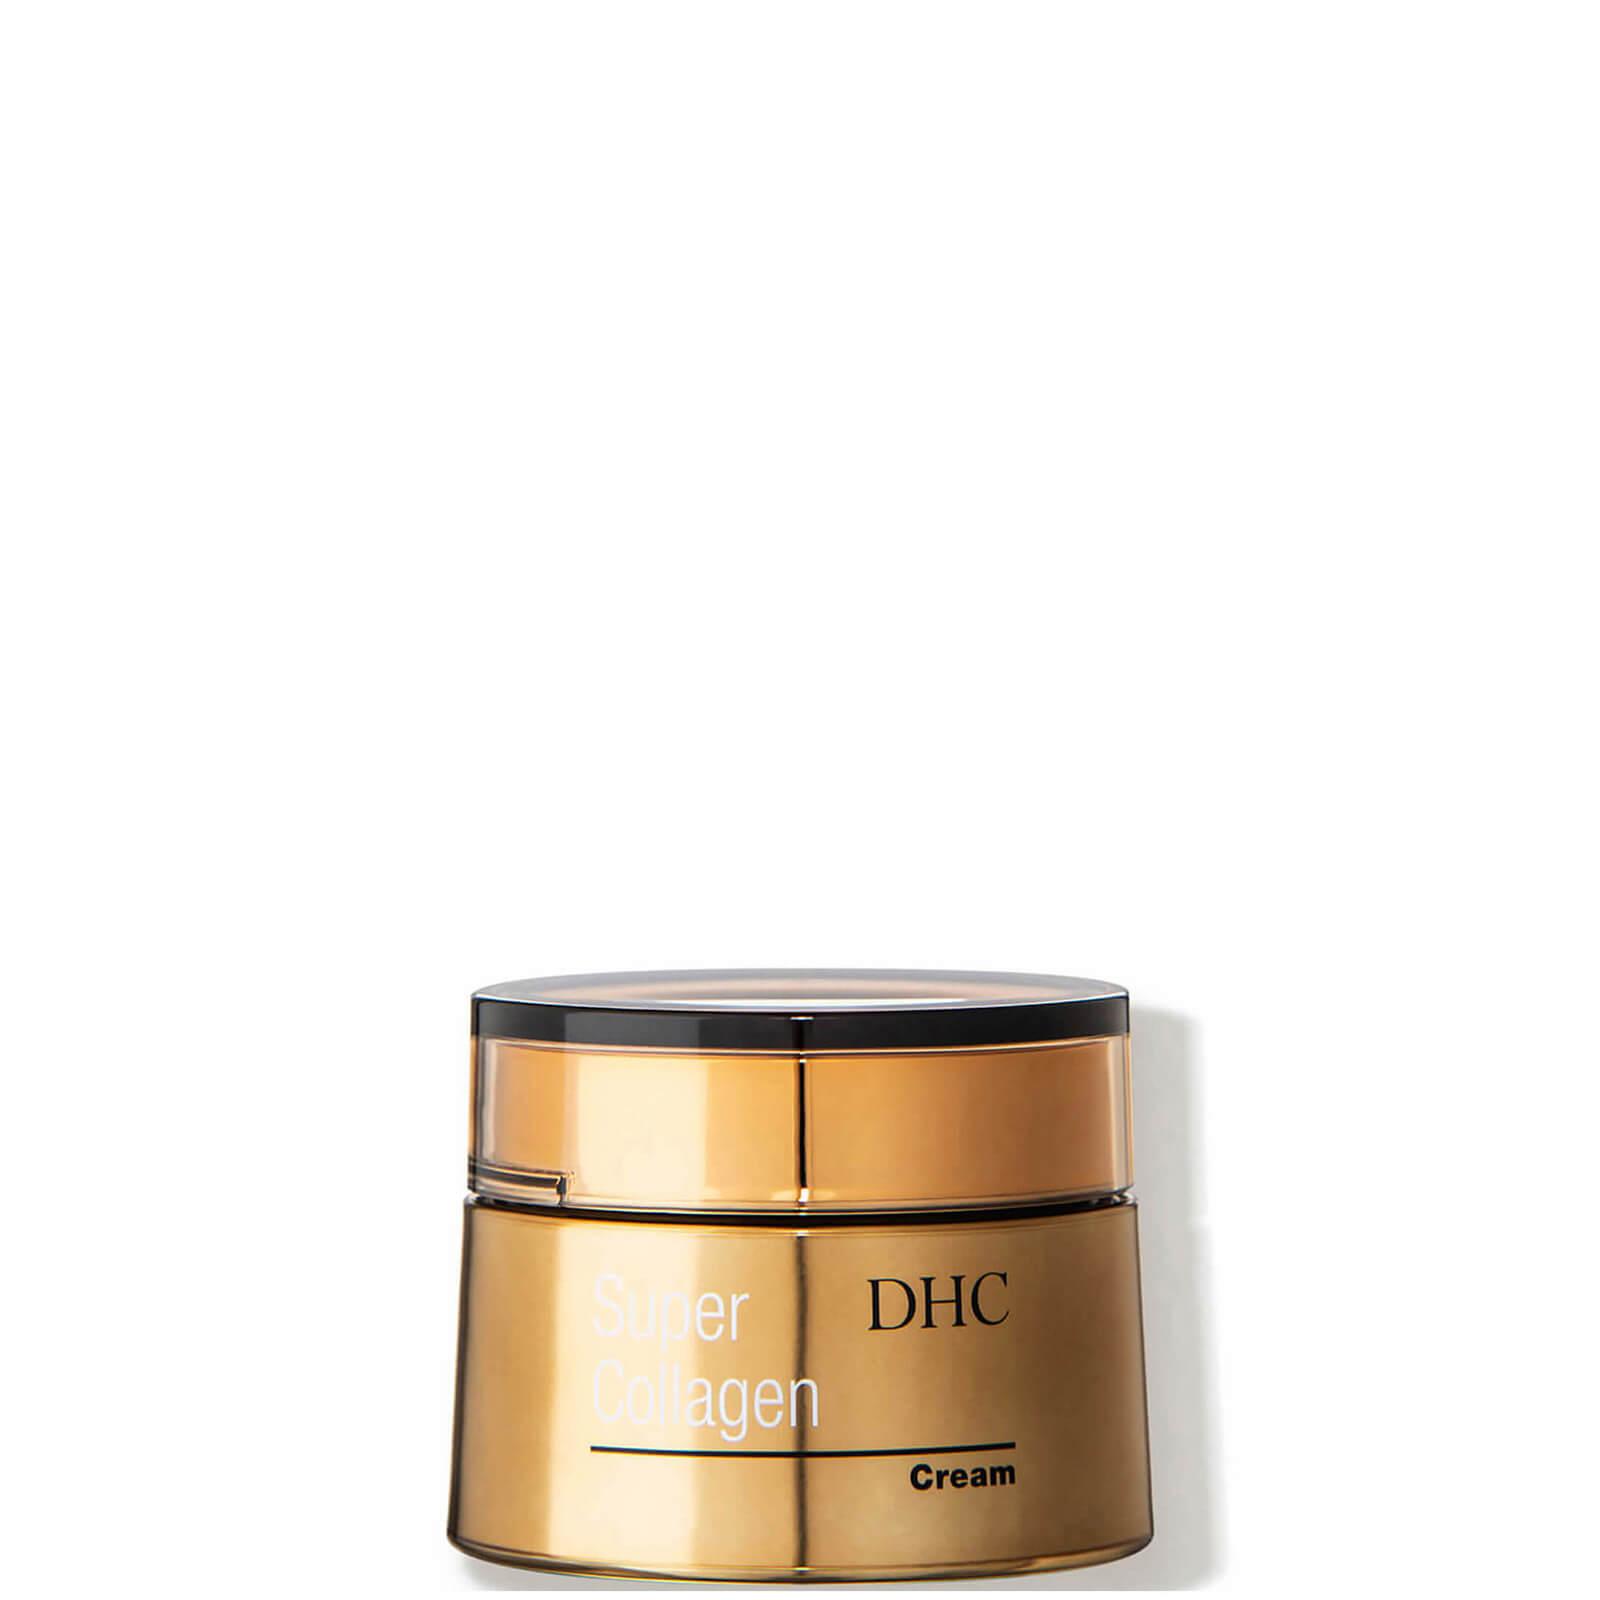 DHC Super Collagen Cream 50g